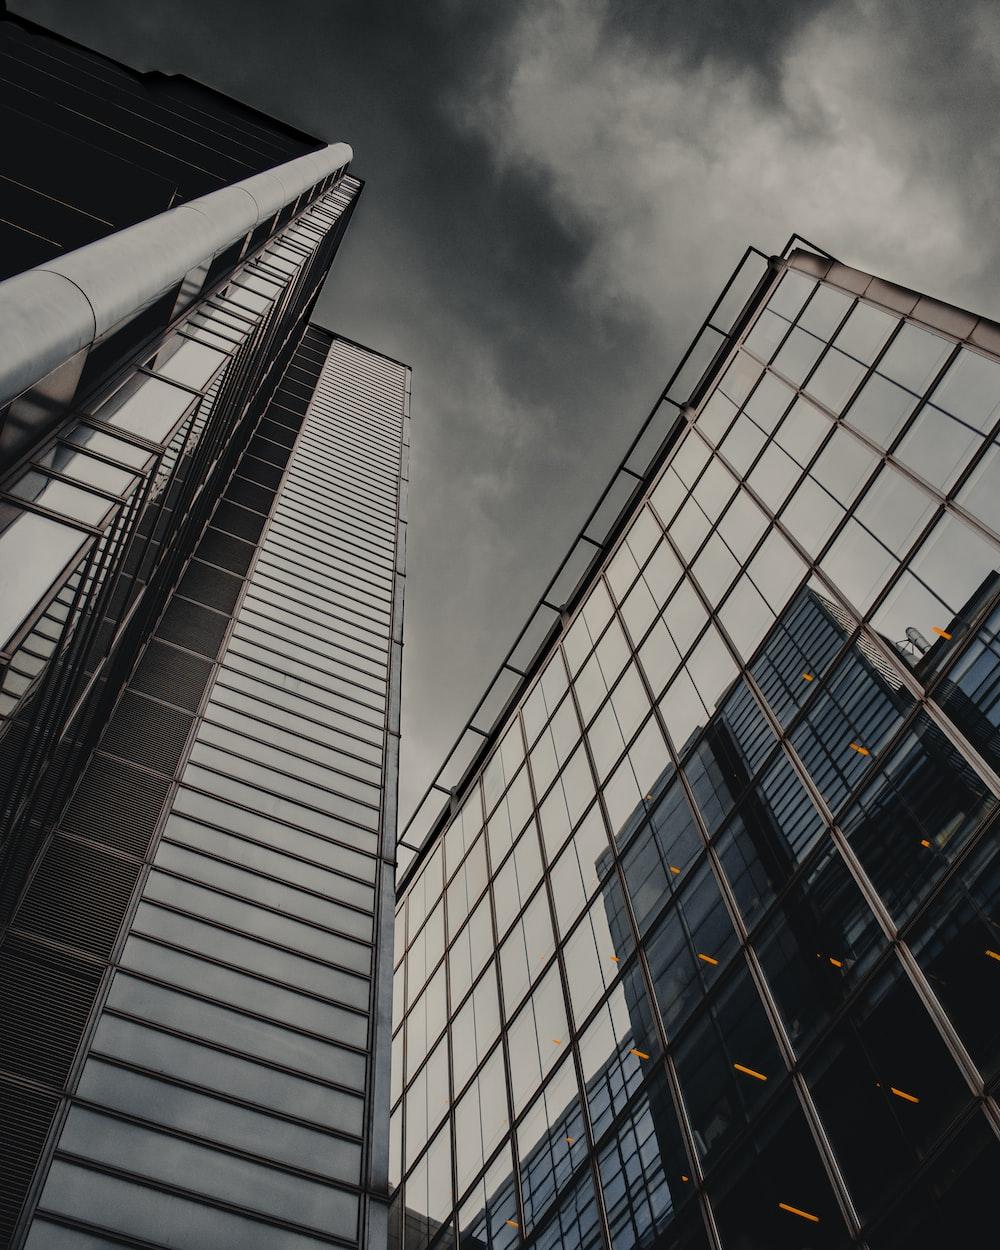 high rise concrete building